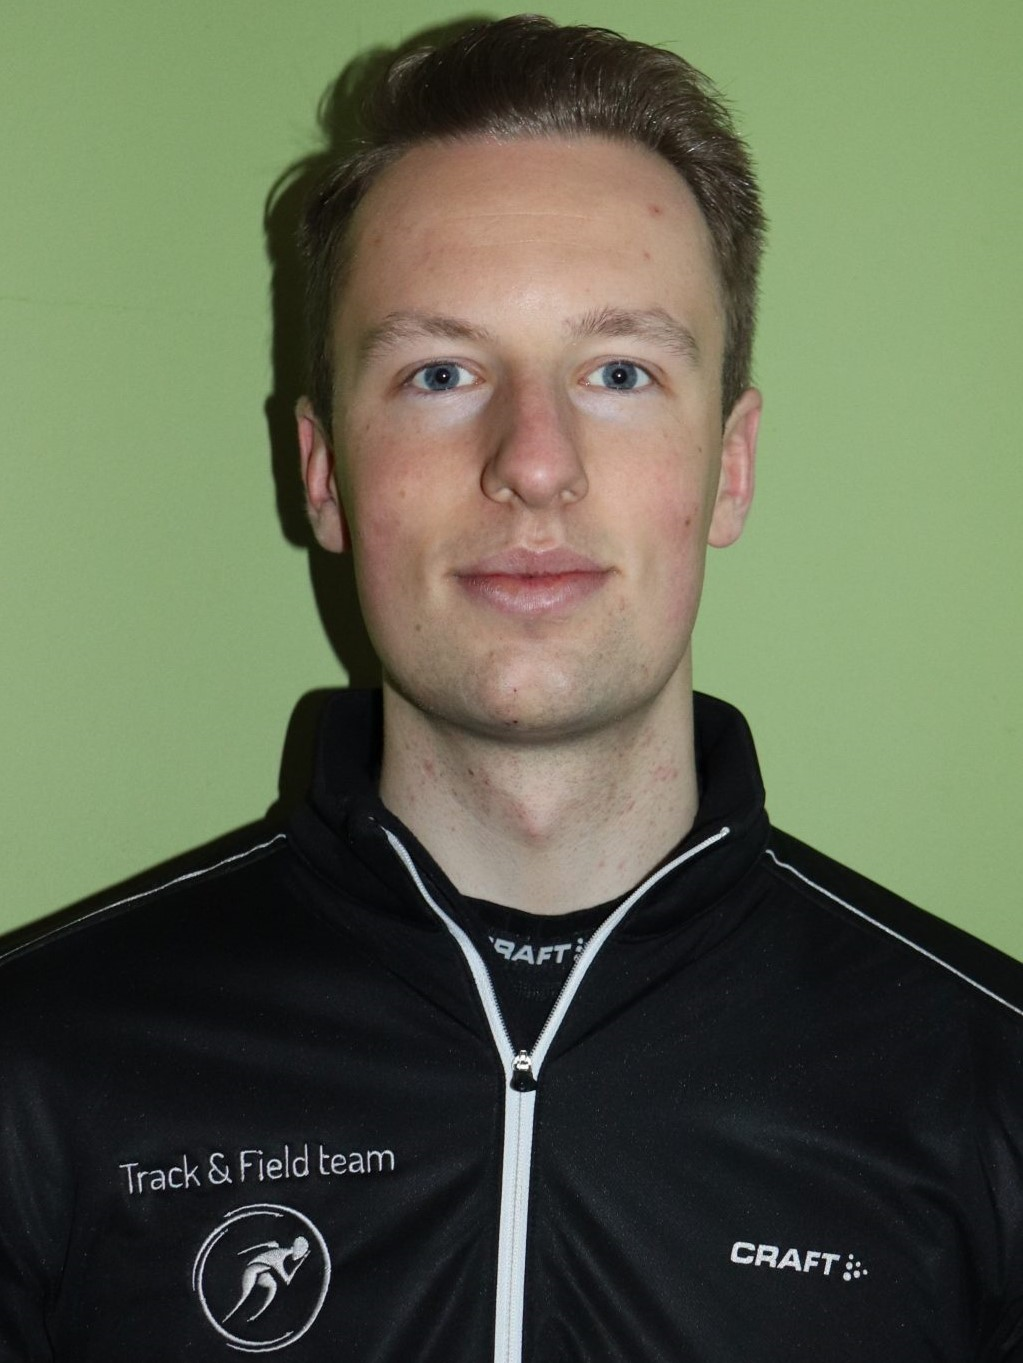 Robin Honebecke